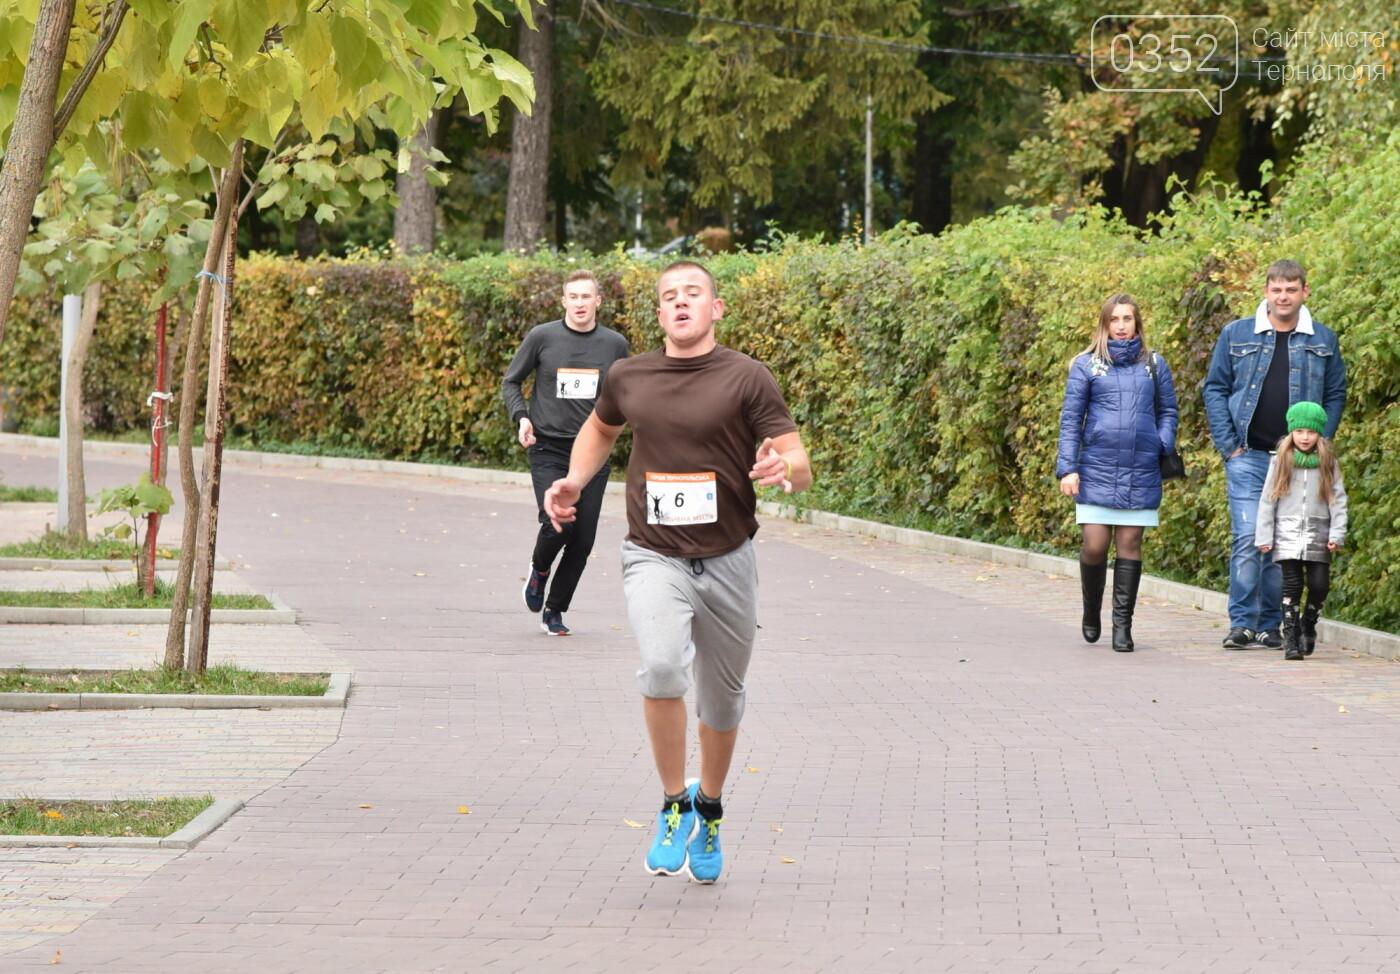 У Тернополі на «Пивній милі», де треба було пити пиво під час бігу, фінішувати вдалося не всім (Фоторепортаж), фото-8